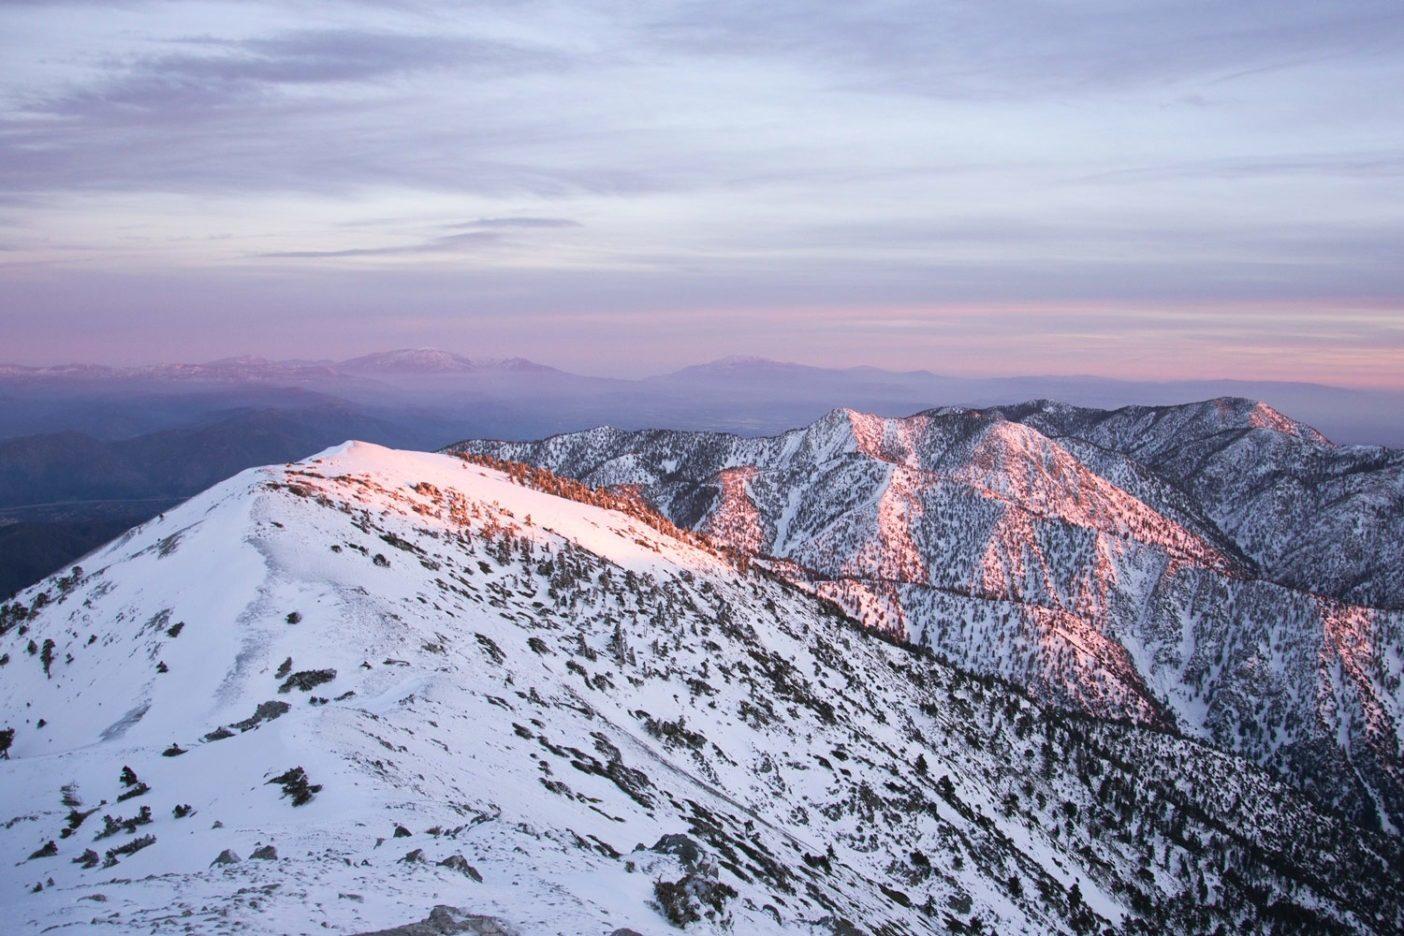 ロサンゼルスから望めるサンガブリエル山脈はその人目を引く地理と生態系の多様性により、いまも野生で高度文明世界からは遠いように感じられる。山脈はアメリカ先住民、スペイン宣教師、初期の開拓者たちにとっても重要な場所である。何百万人もの人びとが毎年そのトレイル、小川と渓谷を利用する。Photo: Taylor Reilly